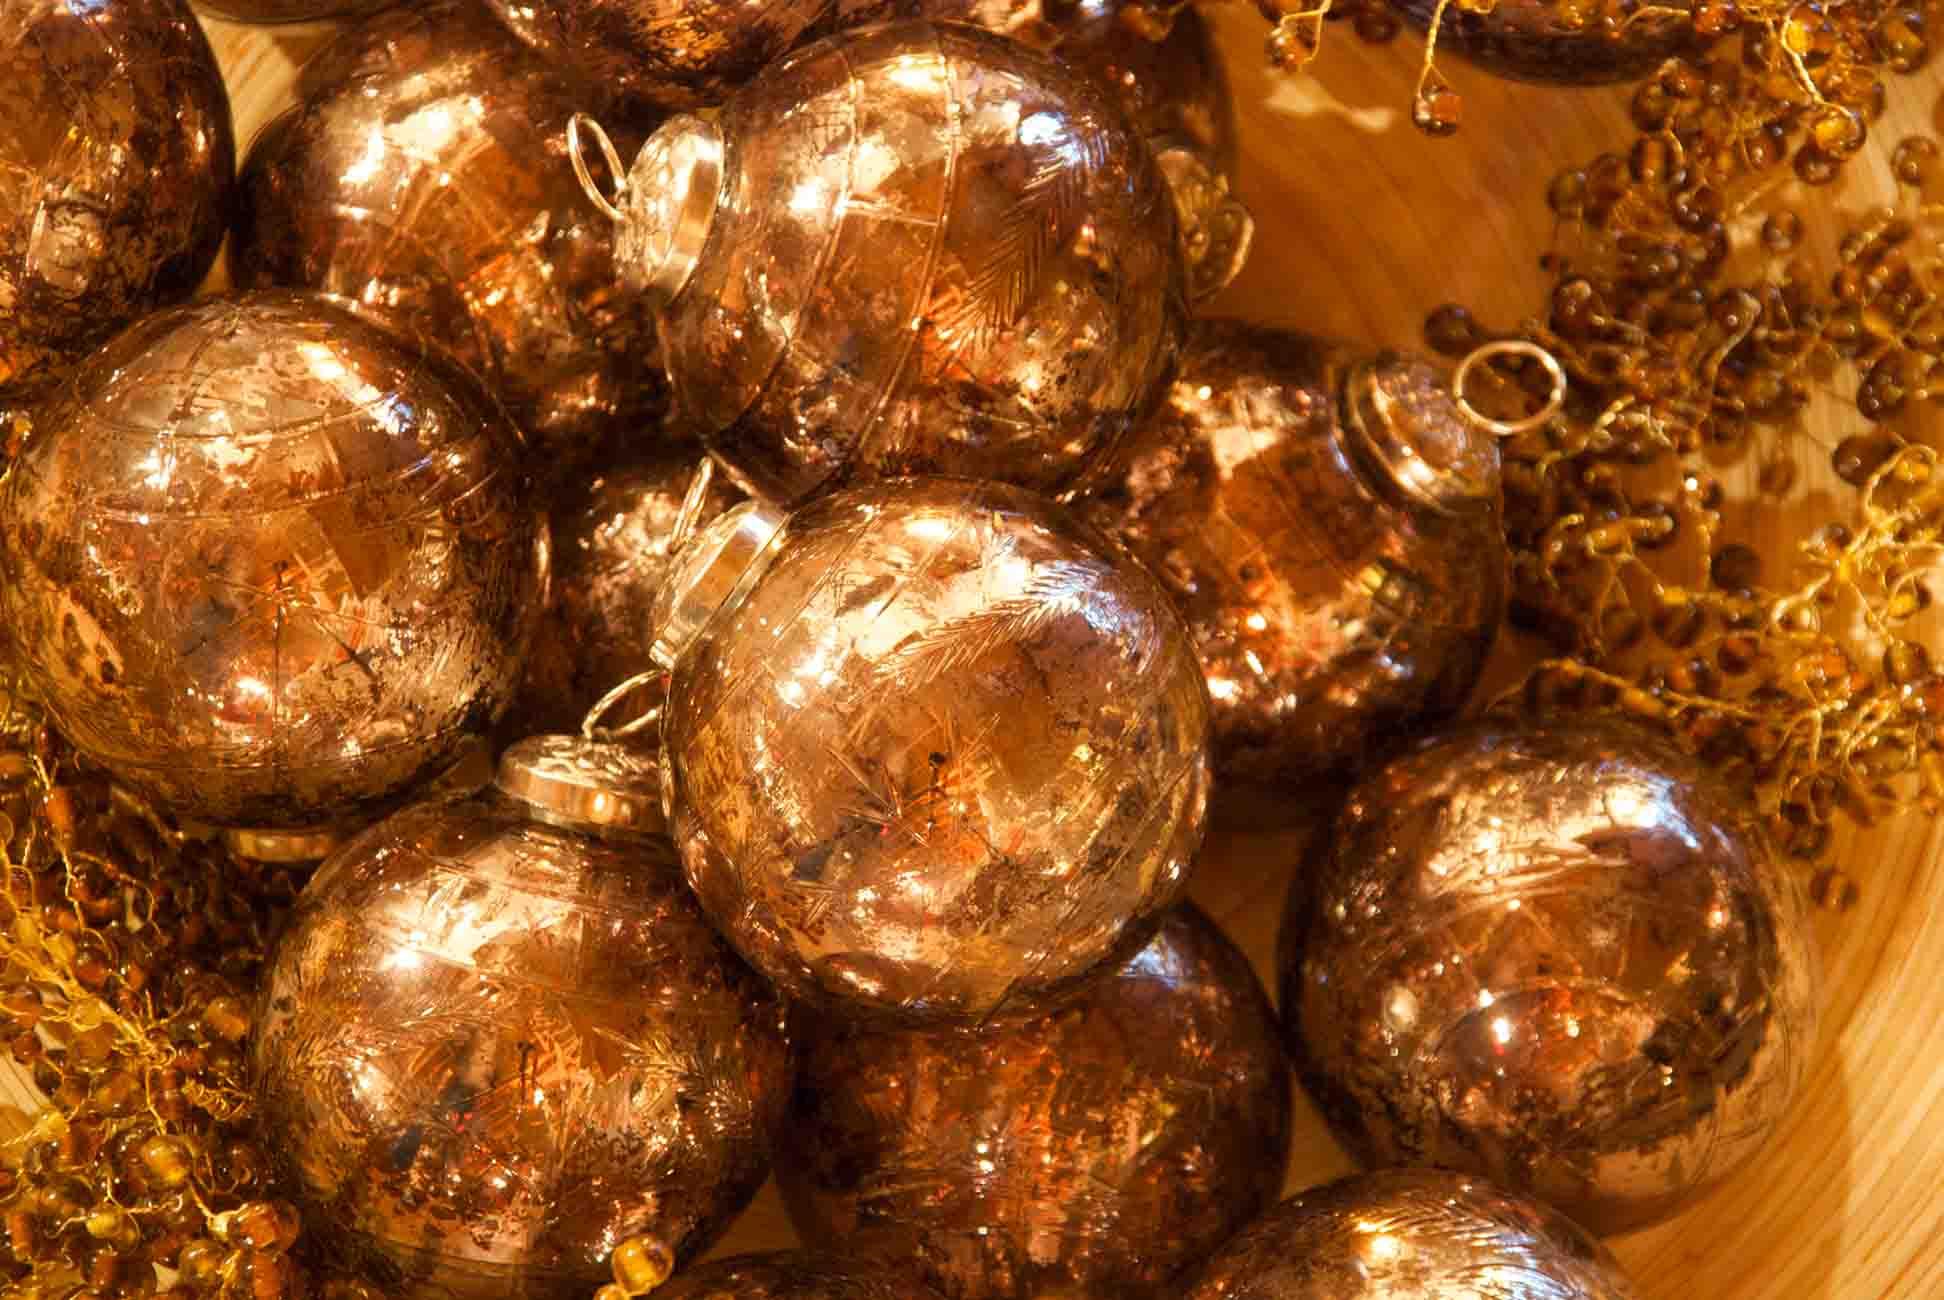 Pronstorfer Weihnacht Kugeln ©Sonja Bannick